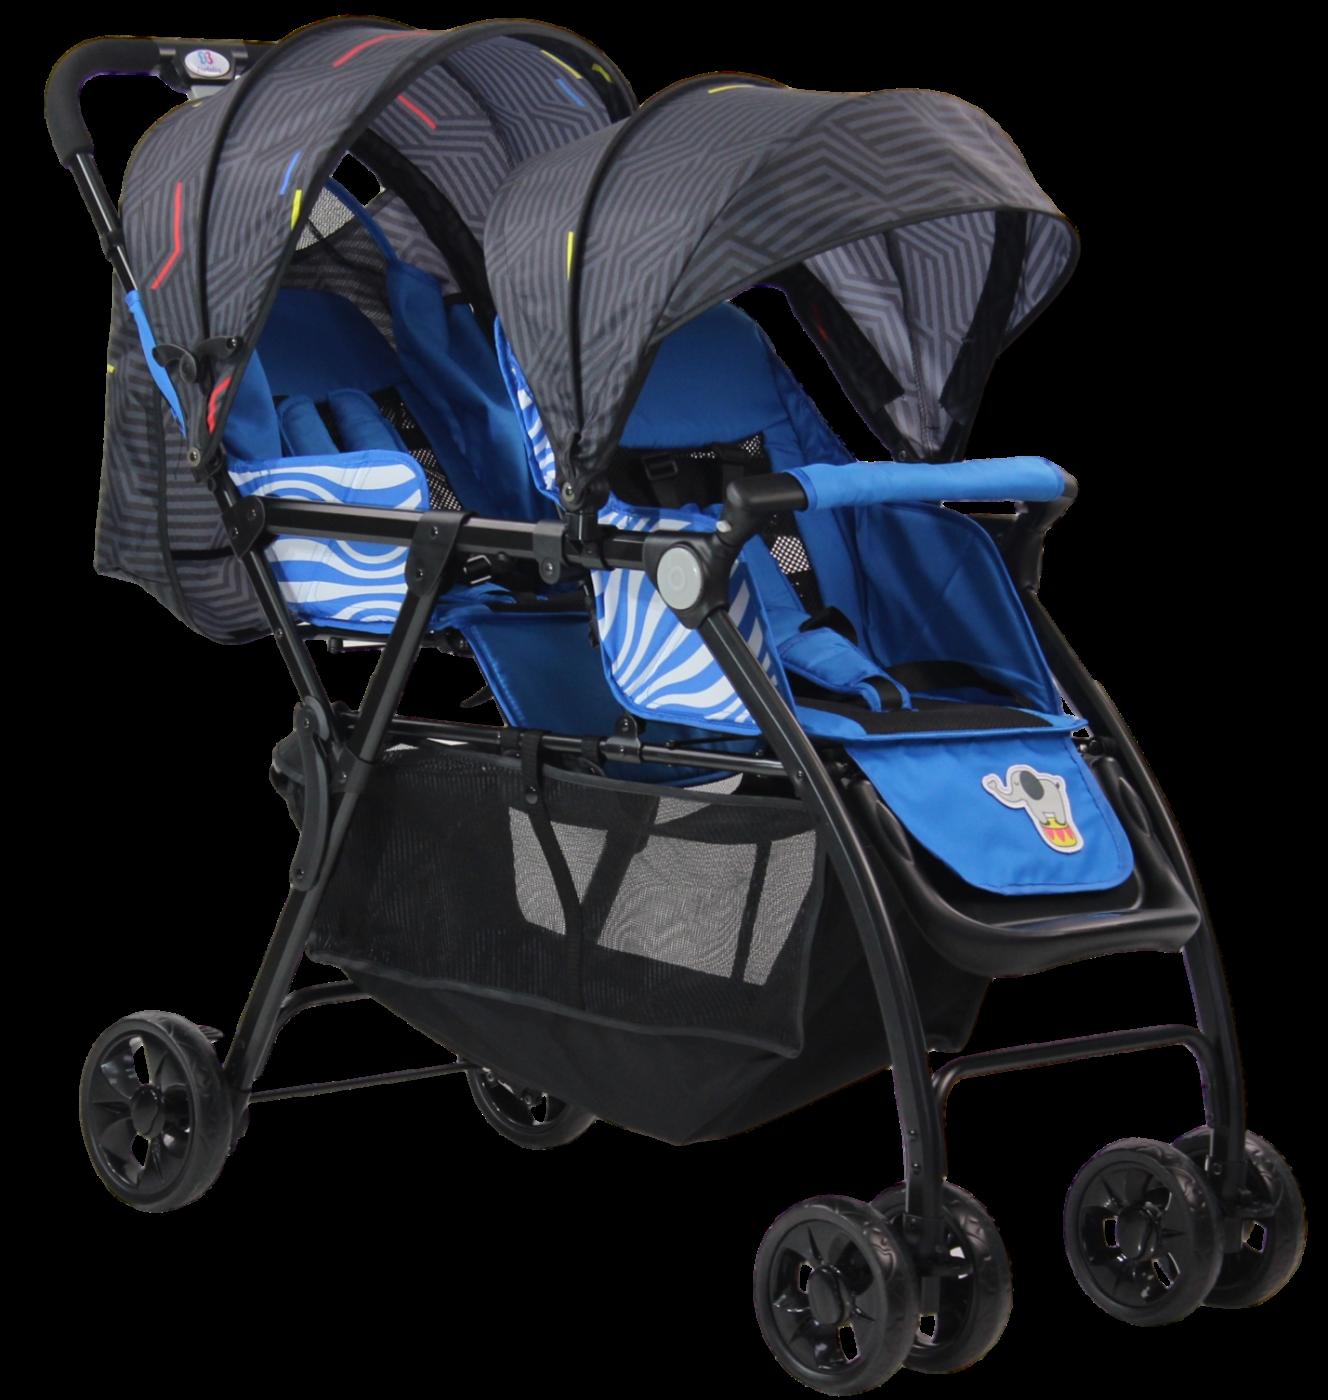 Детская прогулочная коляска для двойни (2020) Vivid Plus Синий